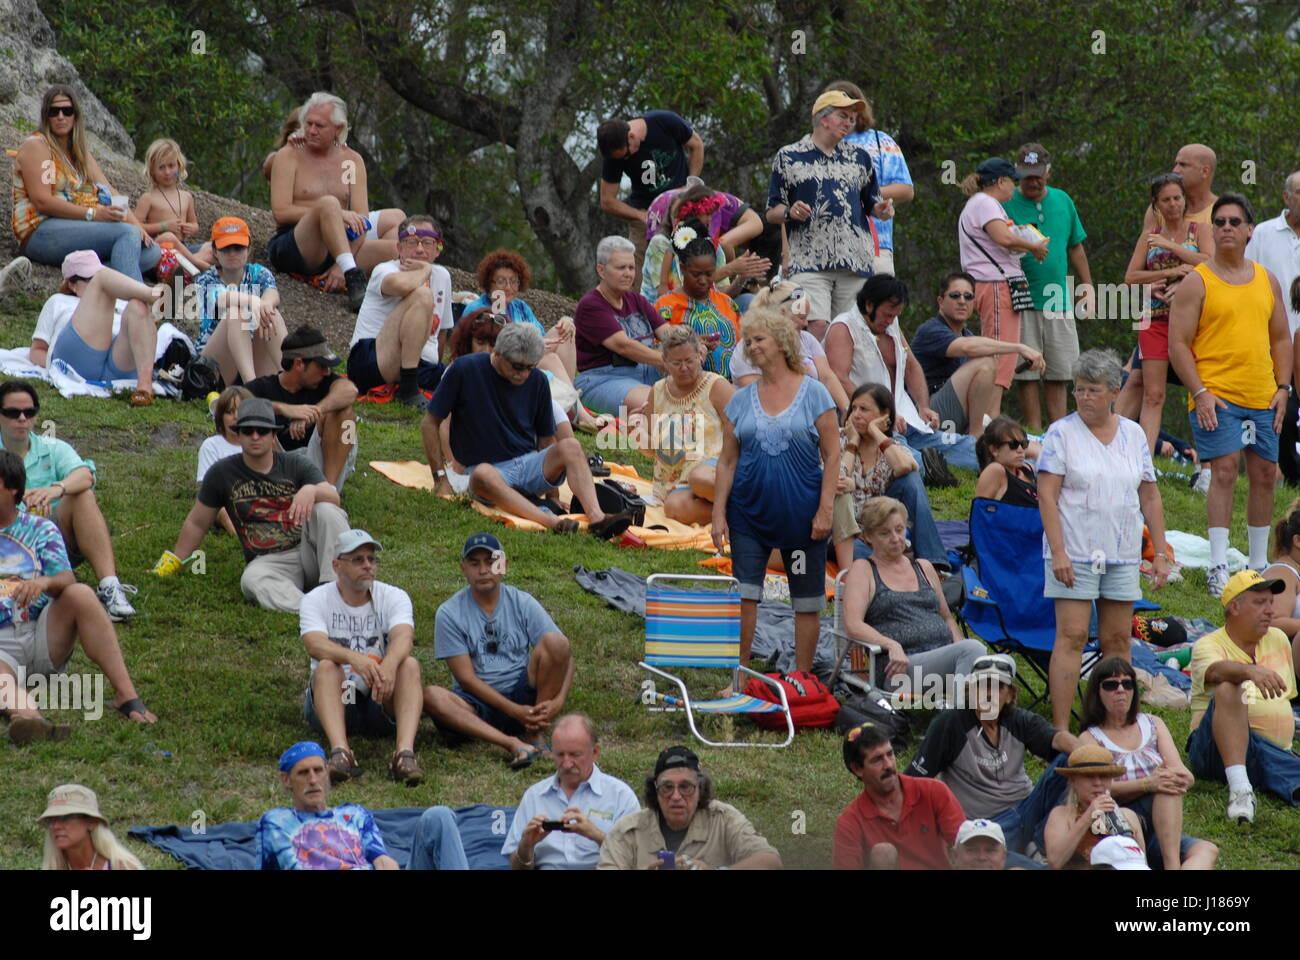 info for b790c 8b9fa Hippie Festival Liebe in Miami Florida USA Menschen ...